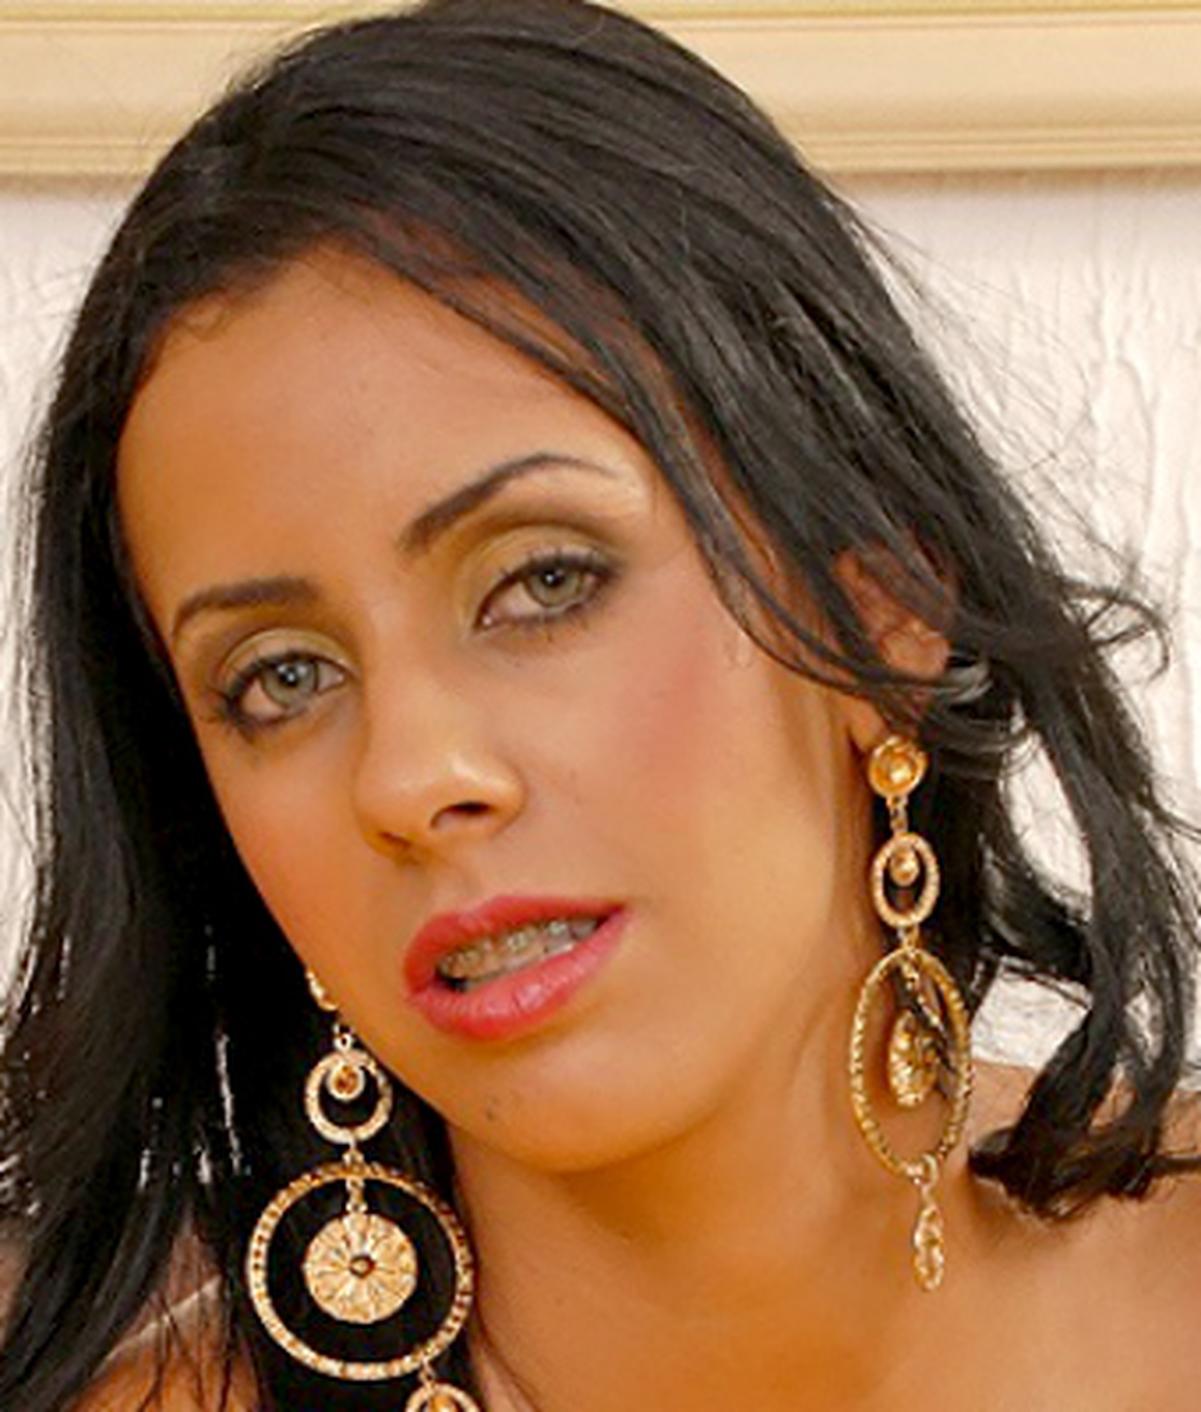 Nicolle Bitencourt